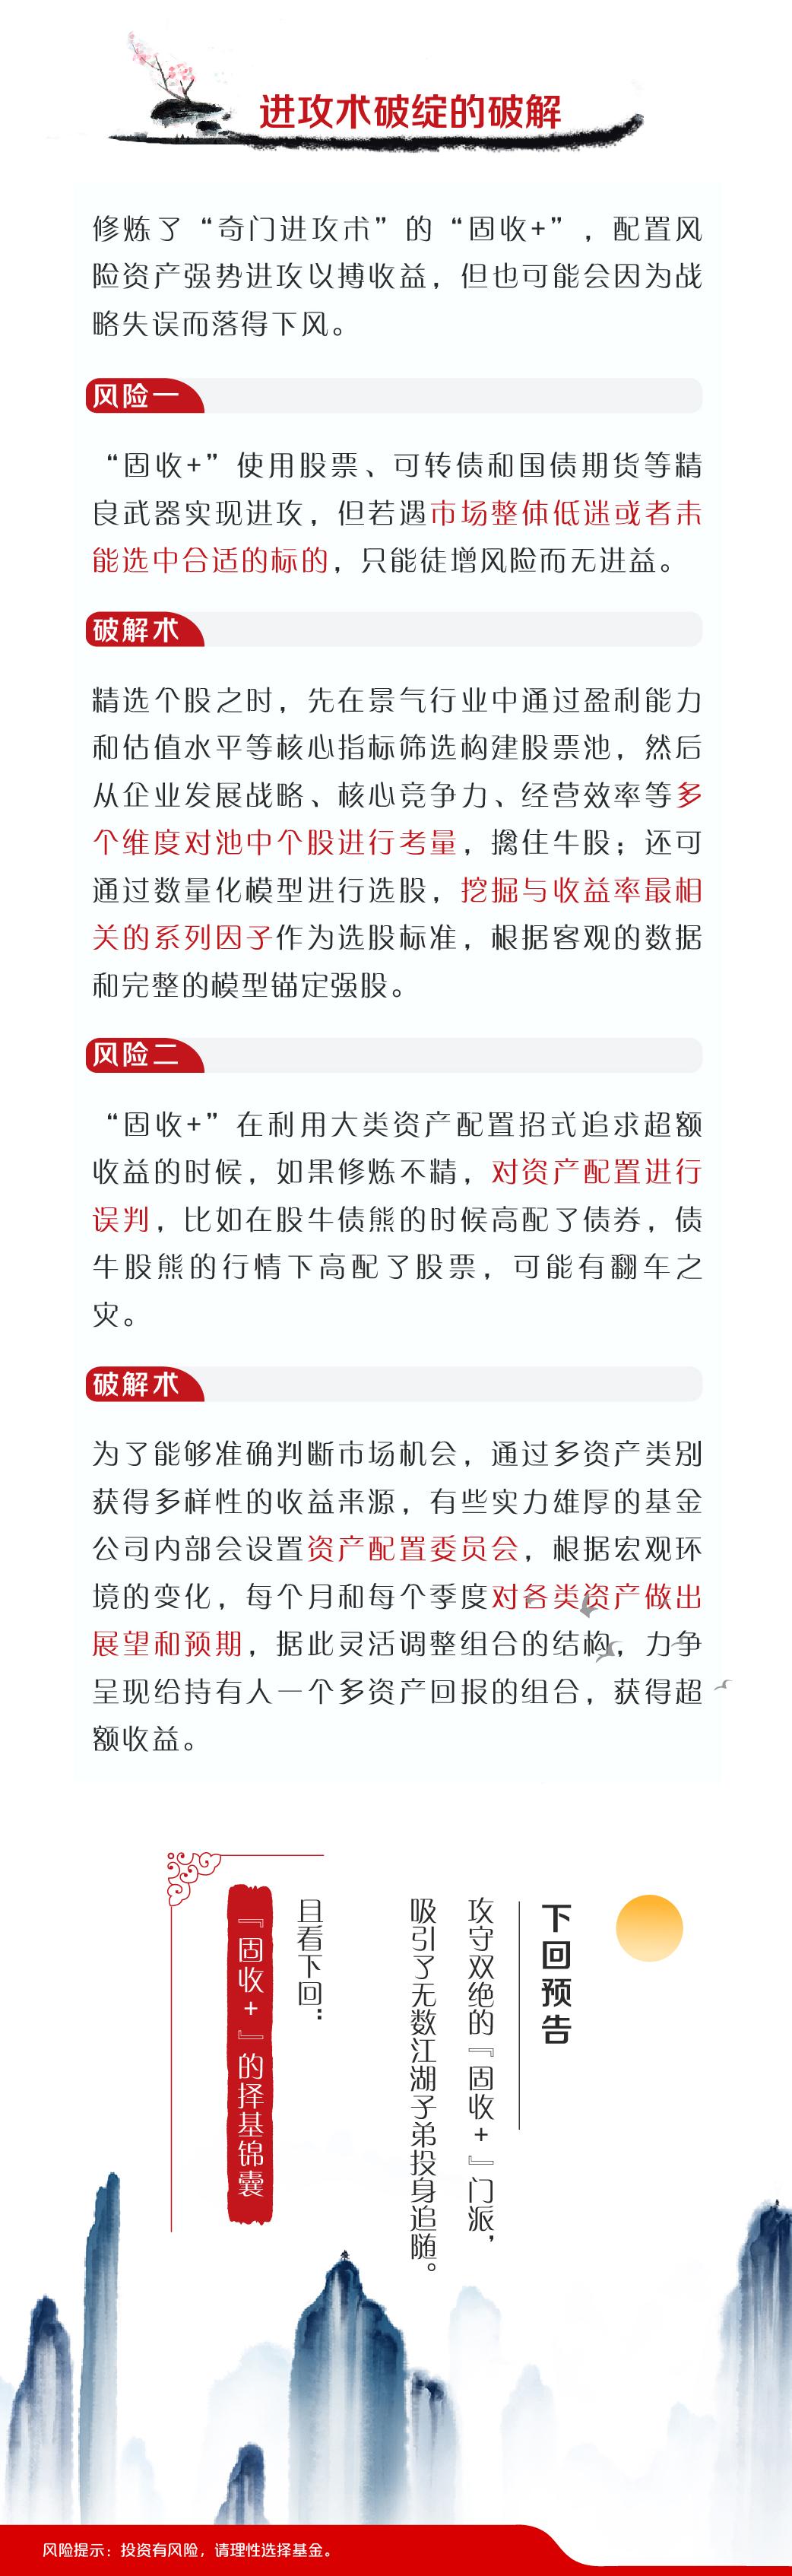 """『基金江湖风云录』初识""""固收+""""篇——""""固收+""""的风险破解法"""